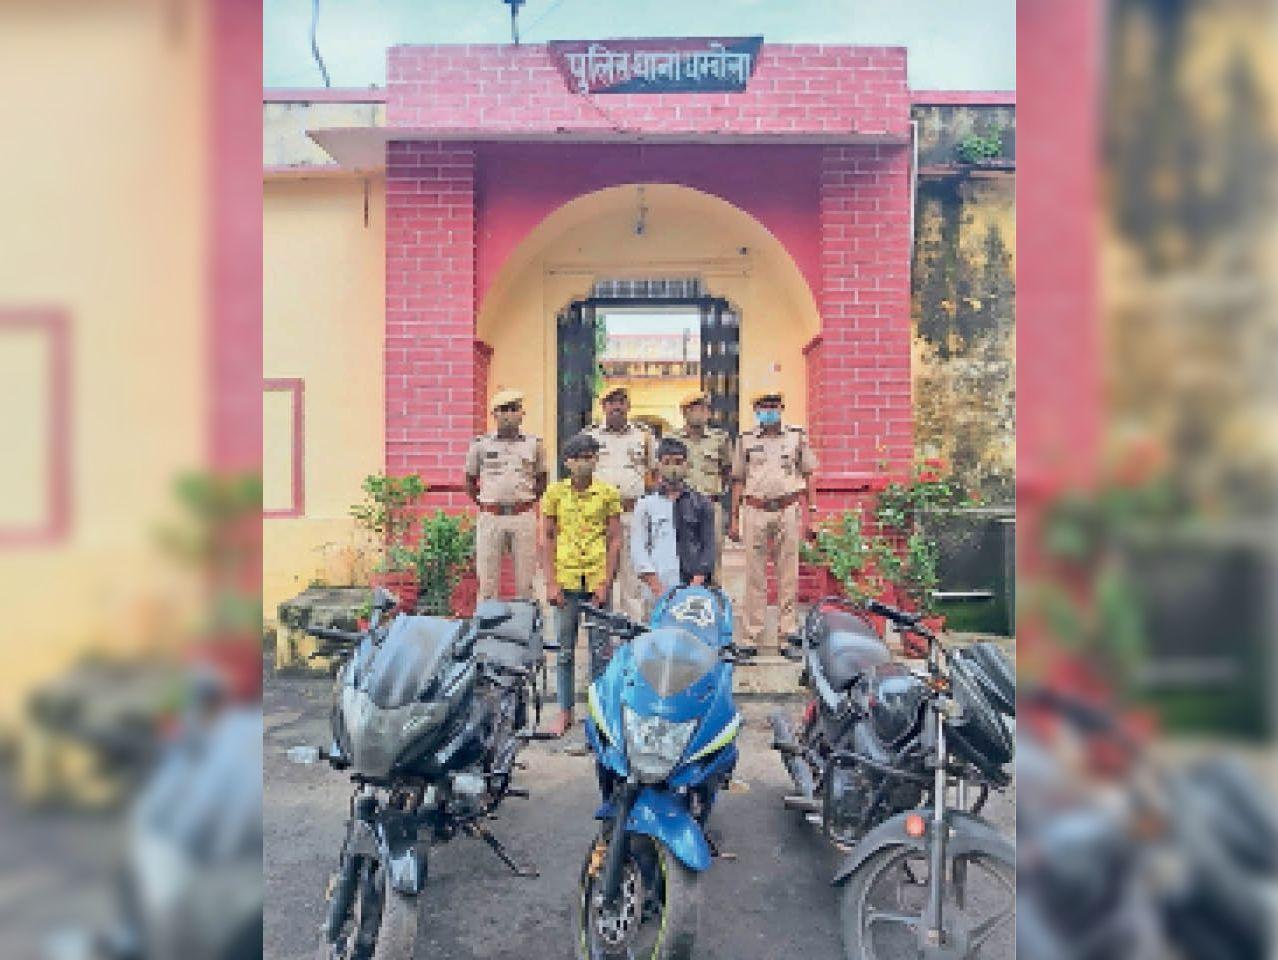 गुजरात से बाइक चोरी कर यहां बेचते, दो अाराेपी गिरफ्तार, 2 पावर बाइक बरामद|सीमलवाड़ा,Simalwara - Dainik Bhaskar